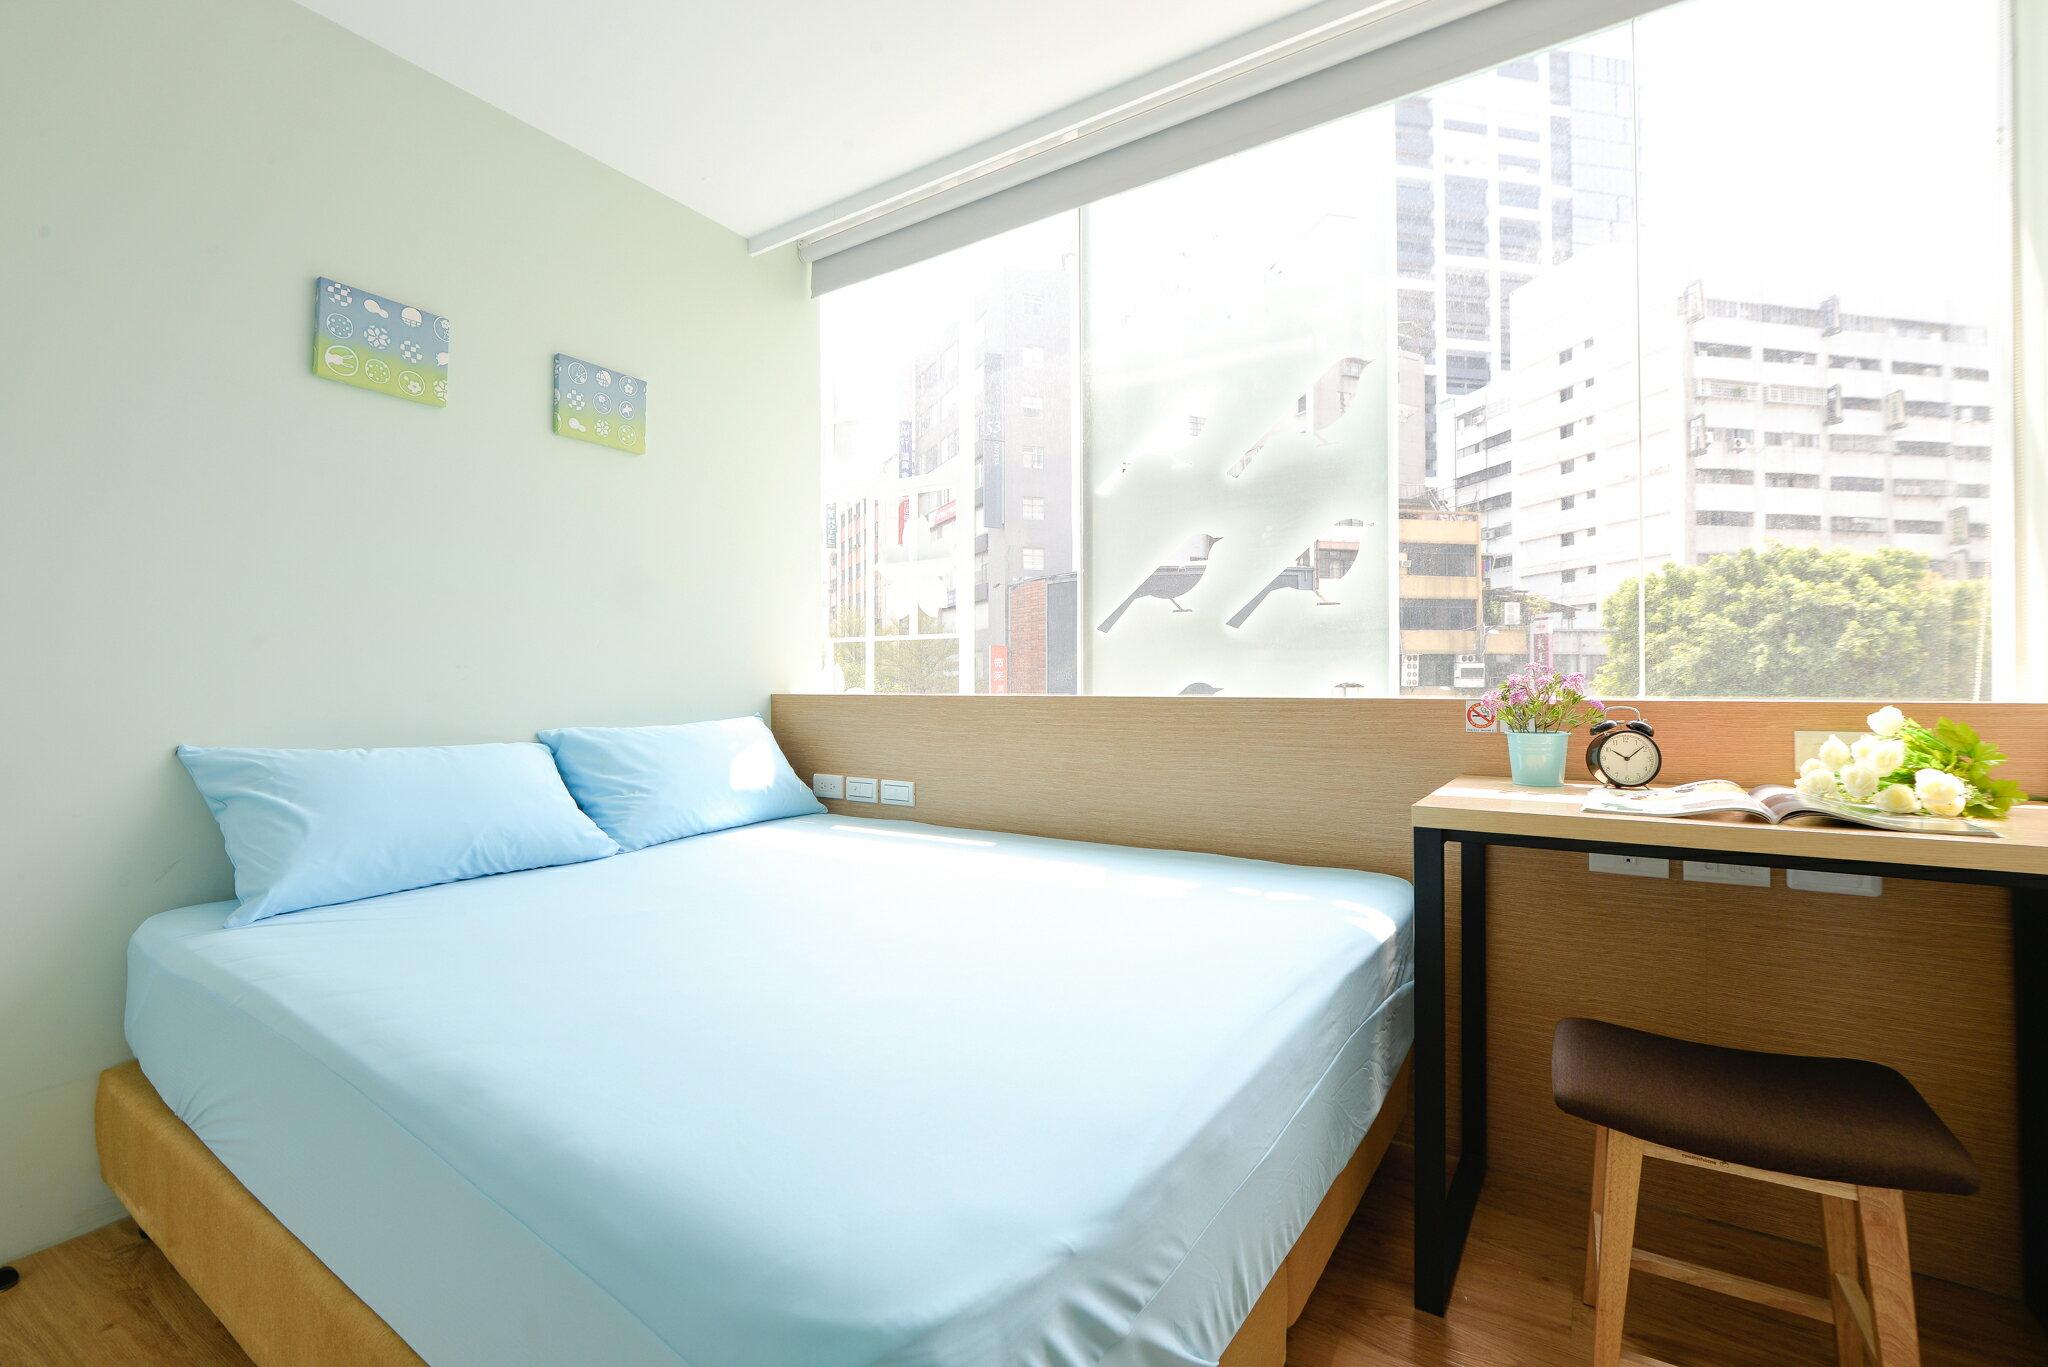 床包式保潔墊 枕頭趟兩入 單人 雙人 加大 特大 台灣製造 針織表布 物理性防蠻 防水透氣